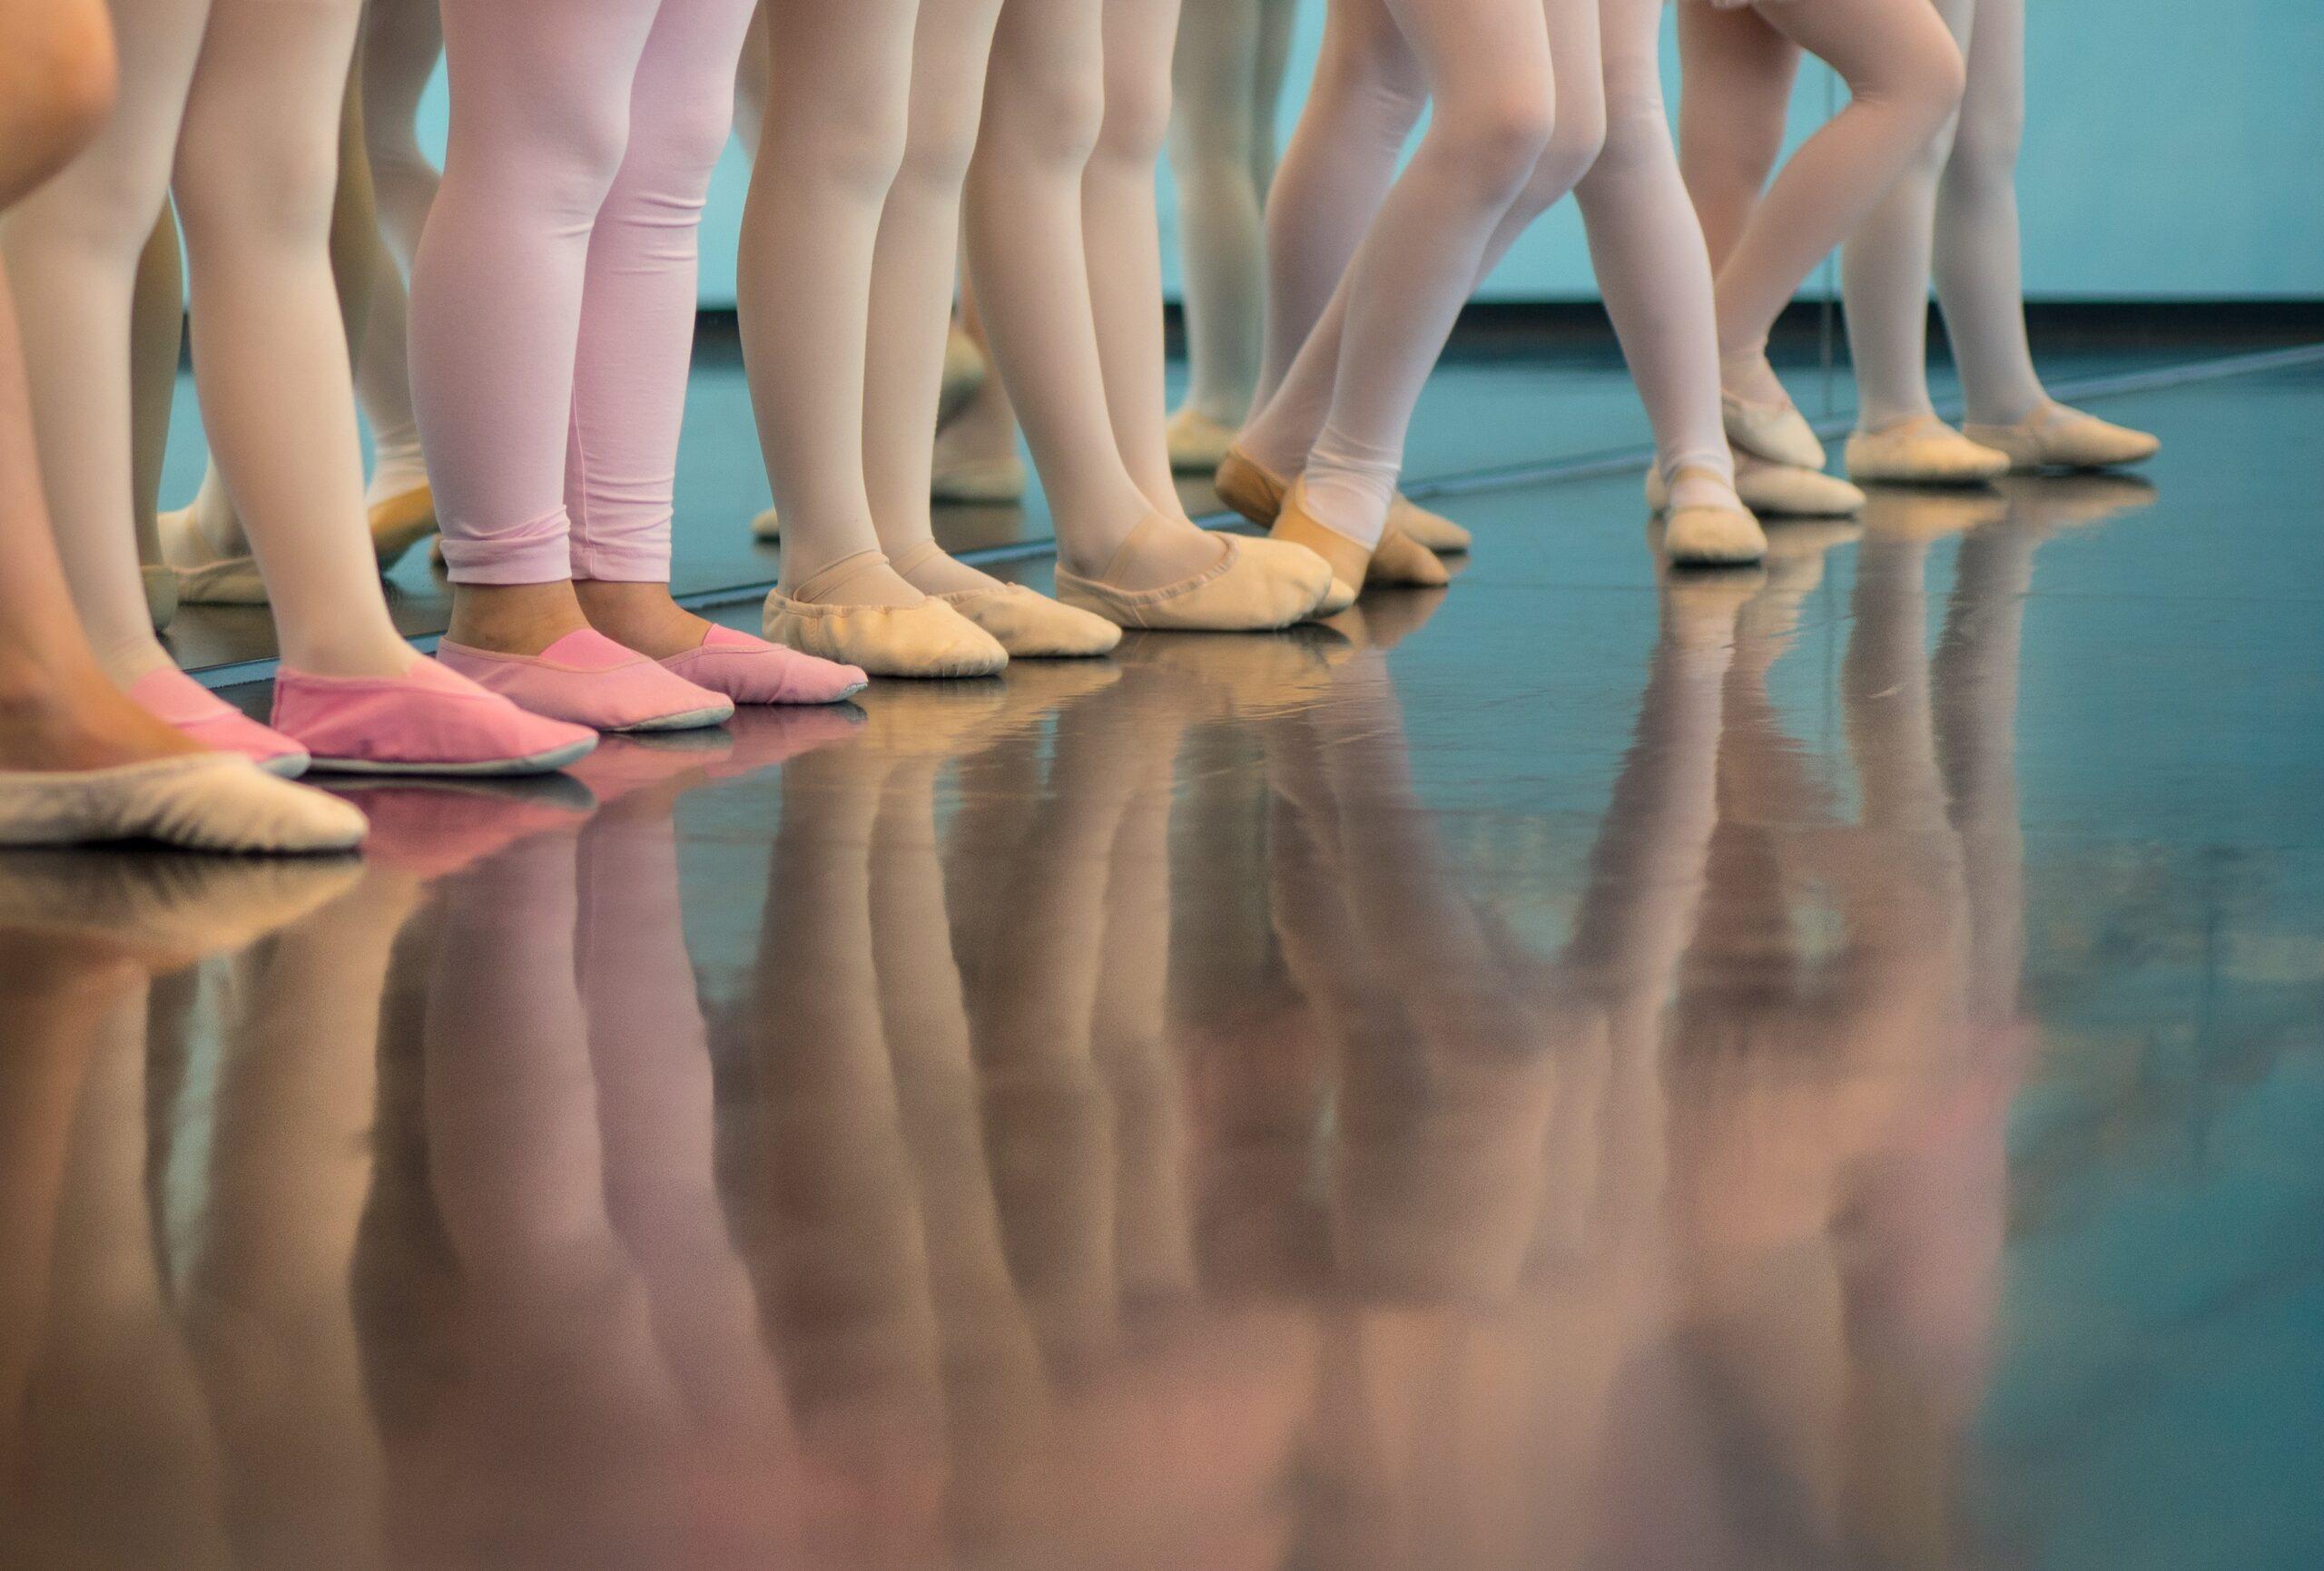 Pés de meninas na aula de balé. Imagem ilustrativa texto iniciar as crianças na dança.